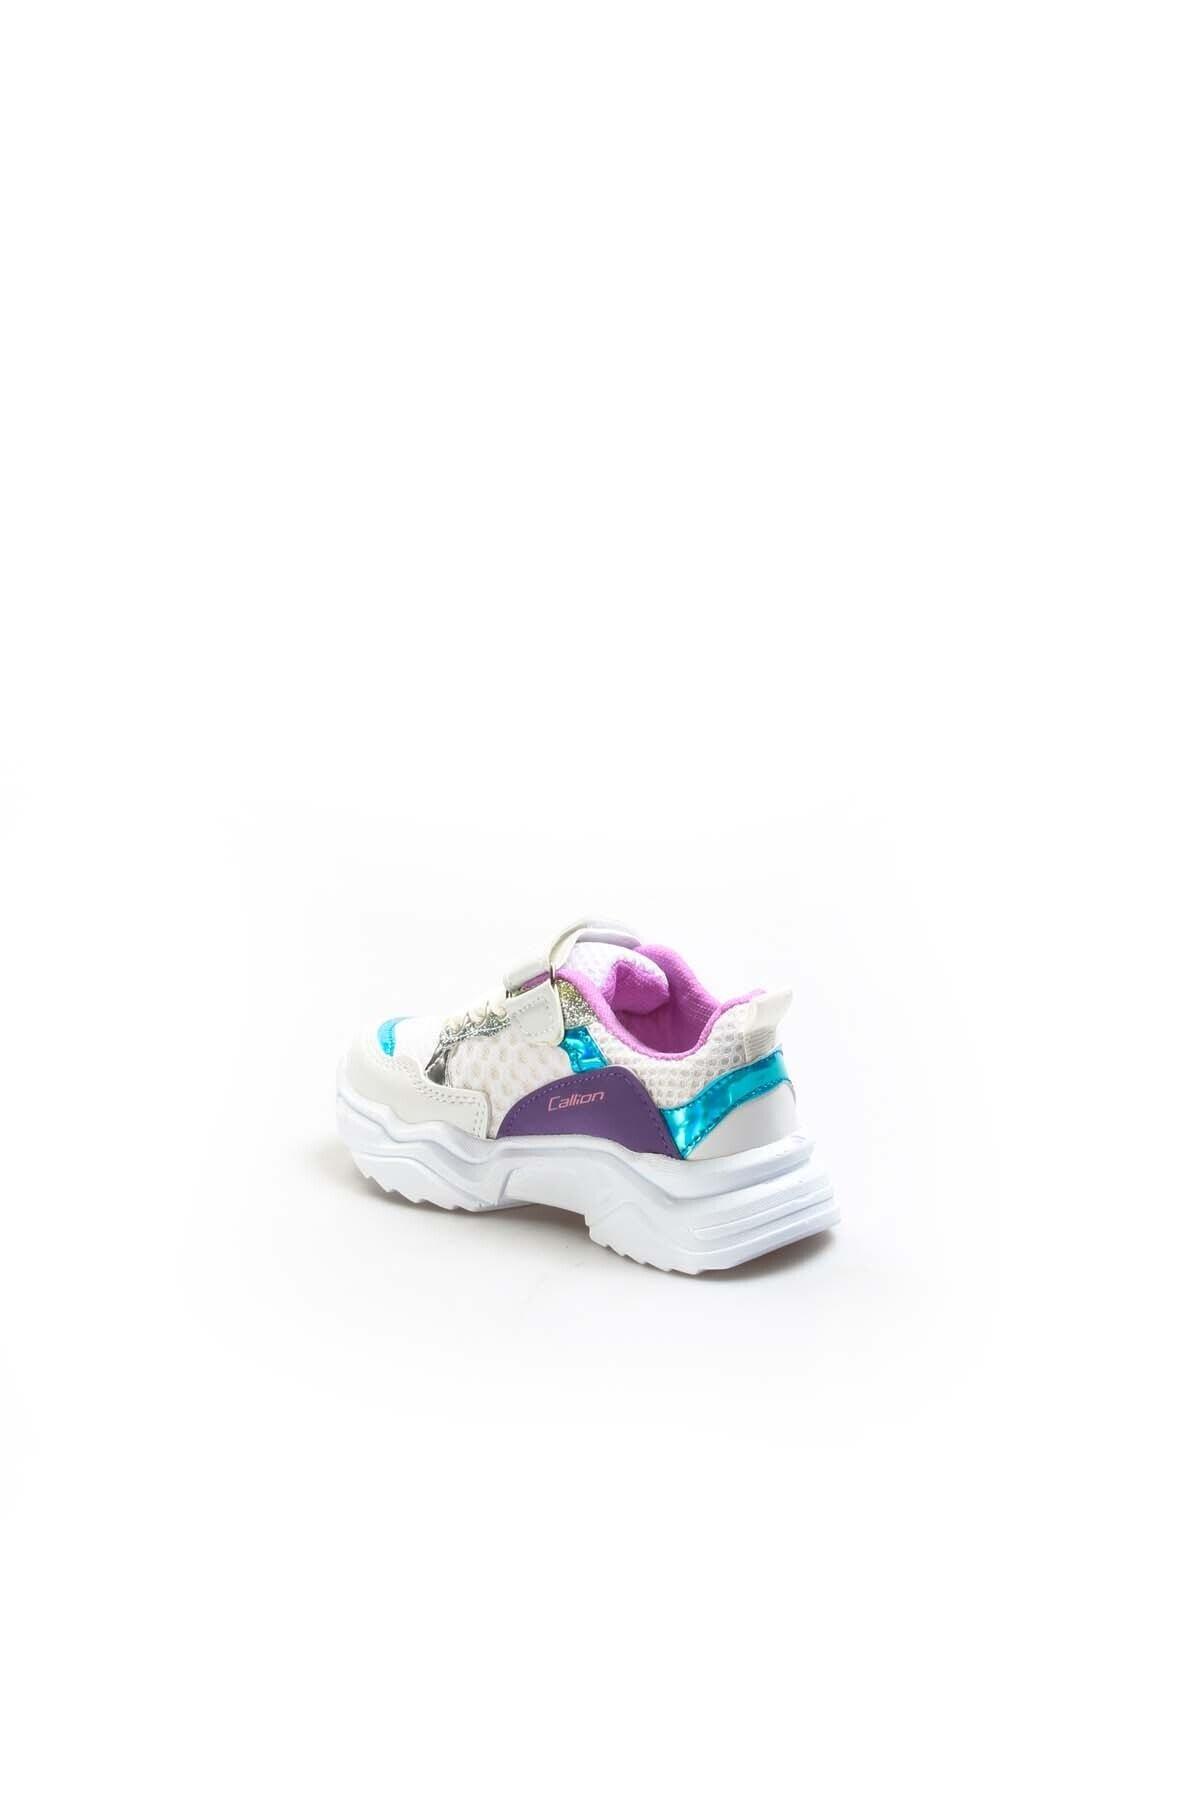 FAST STEP Beyaz Turkuaz Lila Unisex Çocuk Sneaker Ayakkabı 868pa051c 2